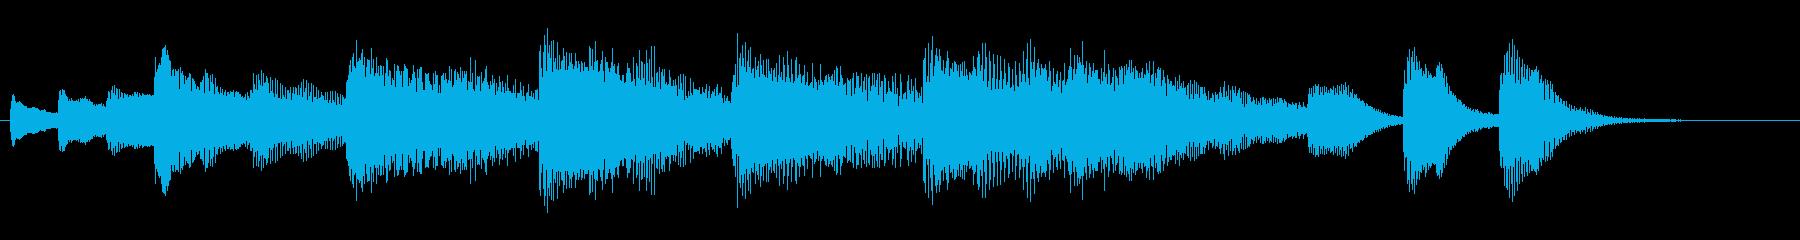 ペット・キッズ動画のエンディングカードの再生済みの波形